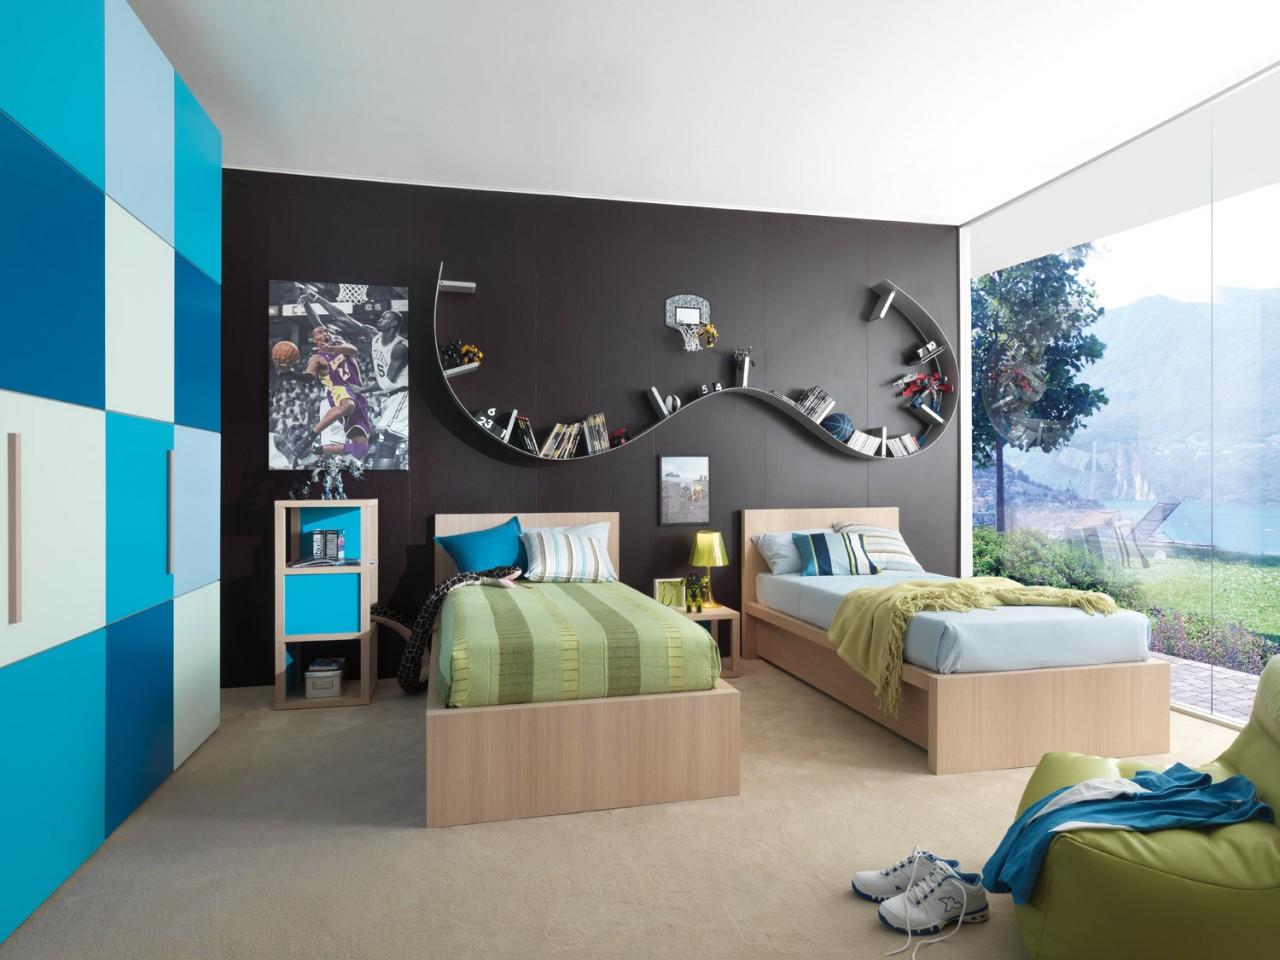 Fotos De Dormitorios Juveniles Para Dos Chicos Dormitorios Con Estilo - Decoracion-de-habitacion-juvenil